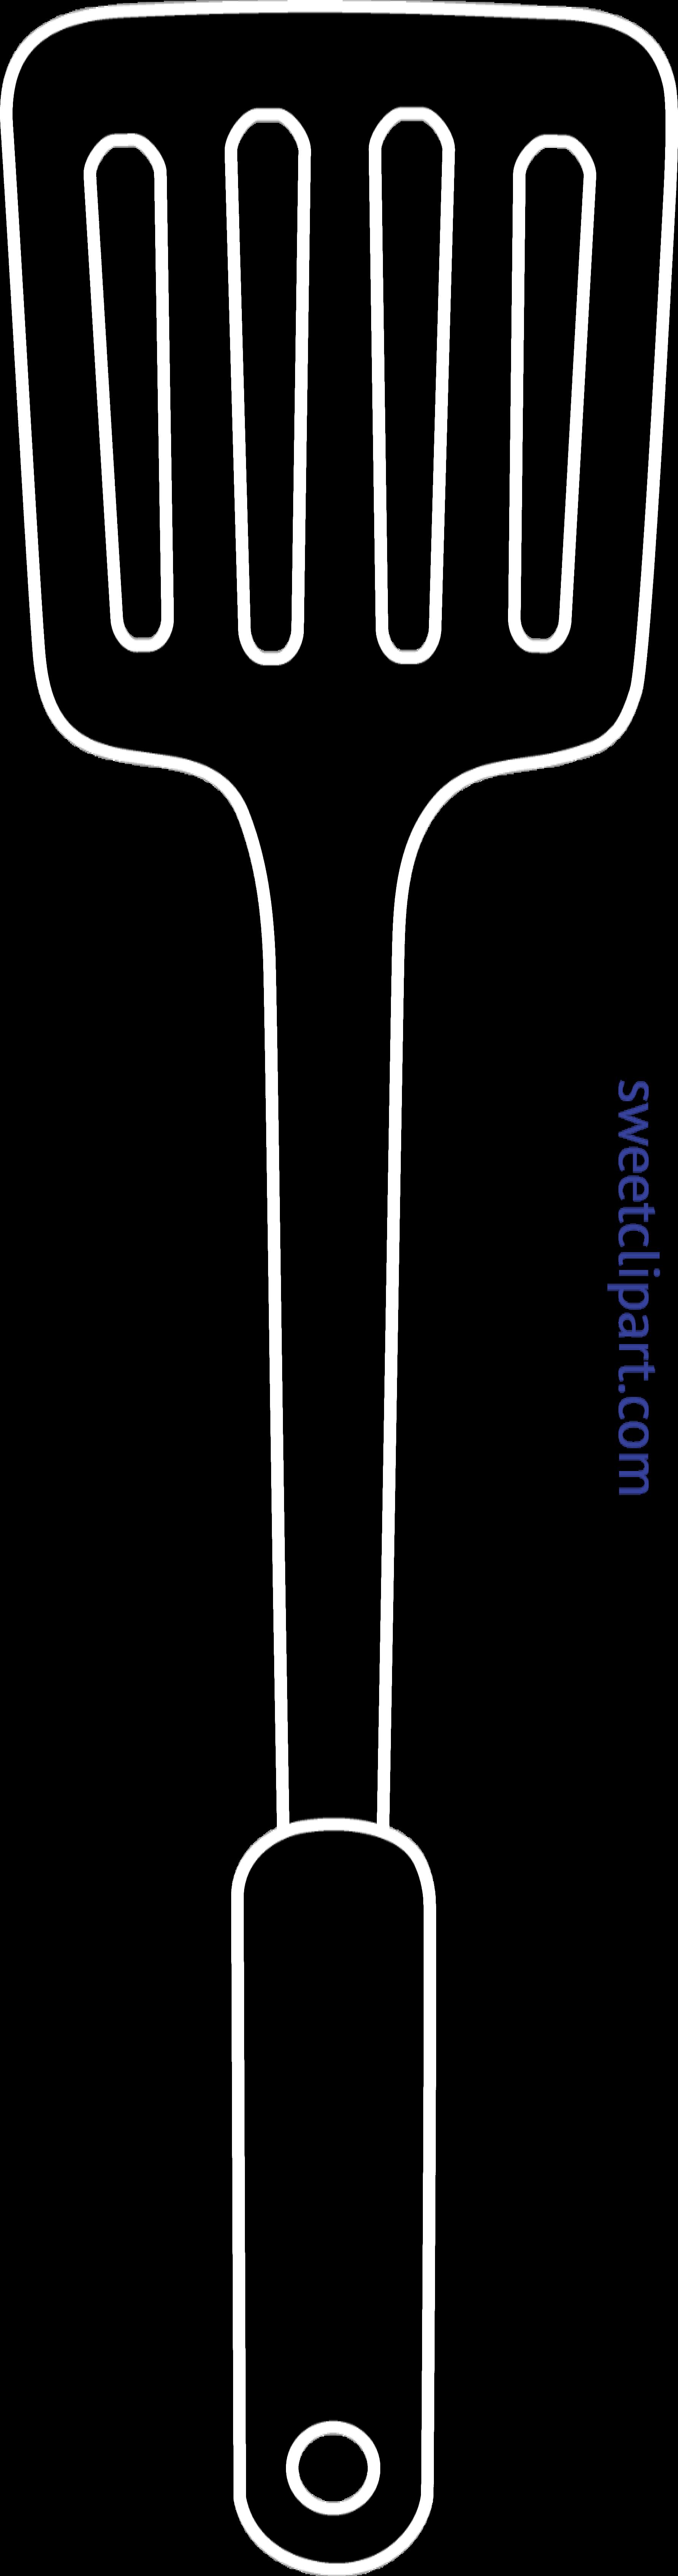 vector black and white download Spatula Silhouette Clip Art